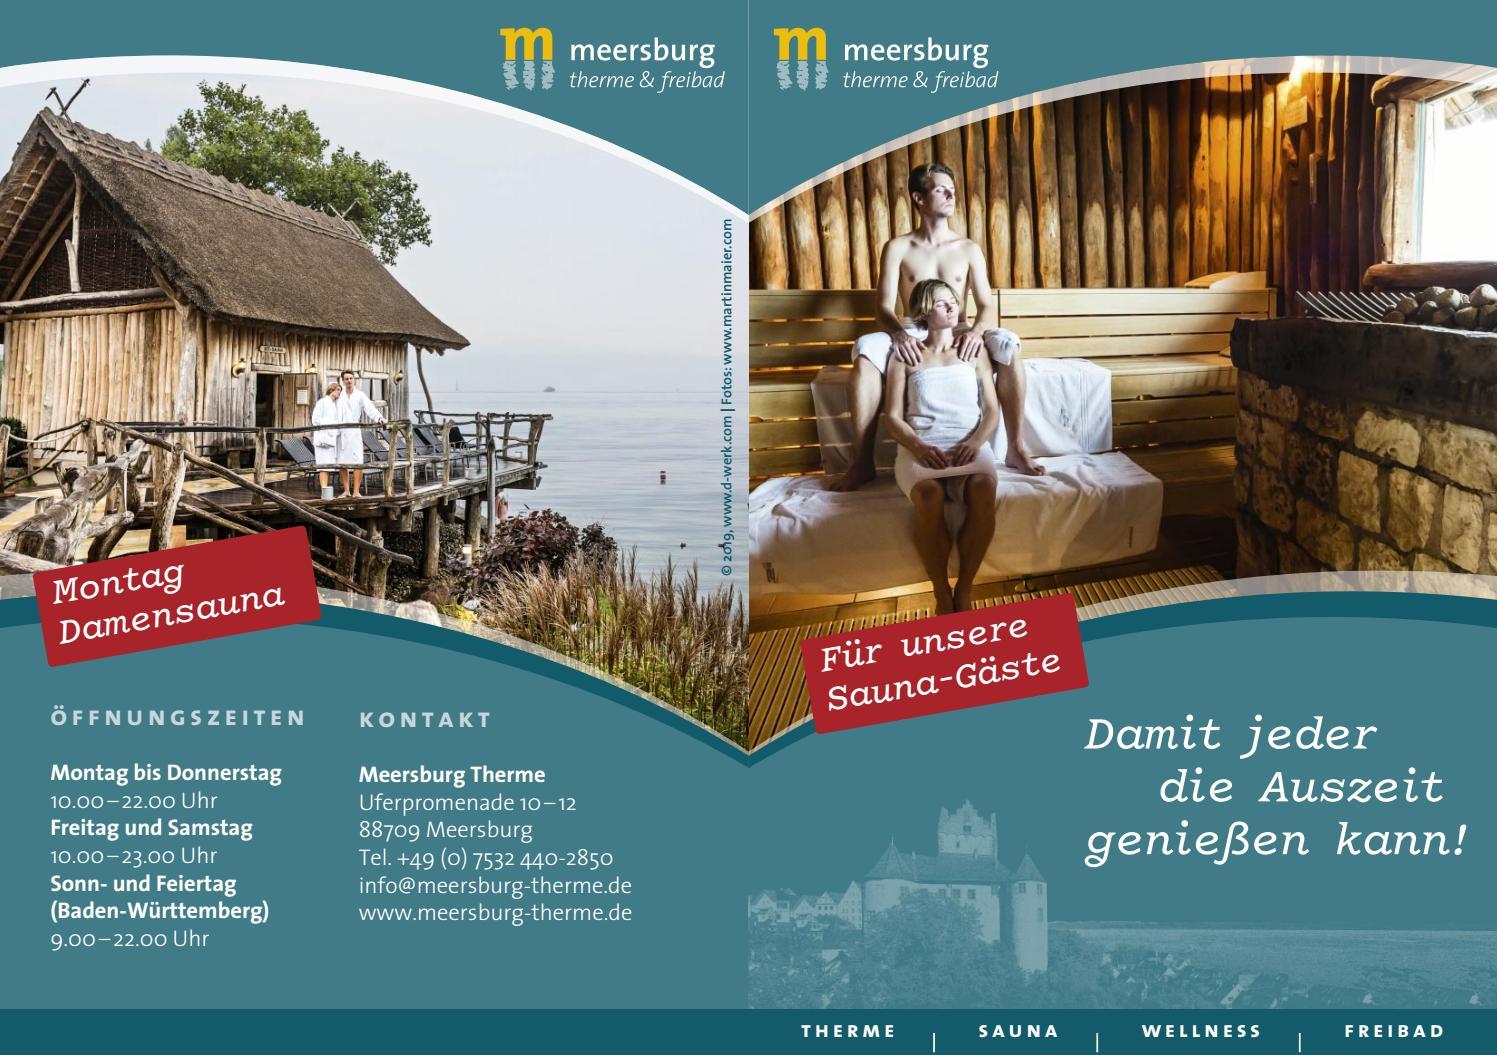 Meersburg Therme - Saunafibel - Meersburg-Therme